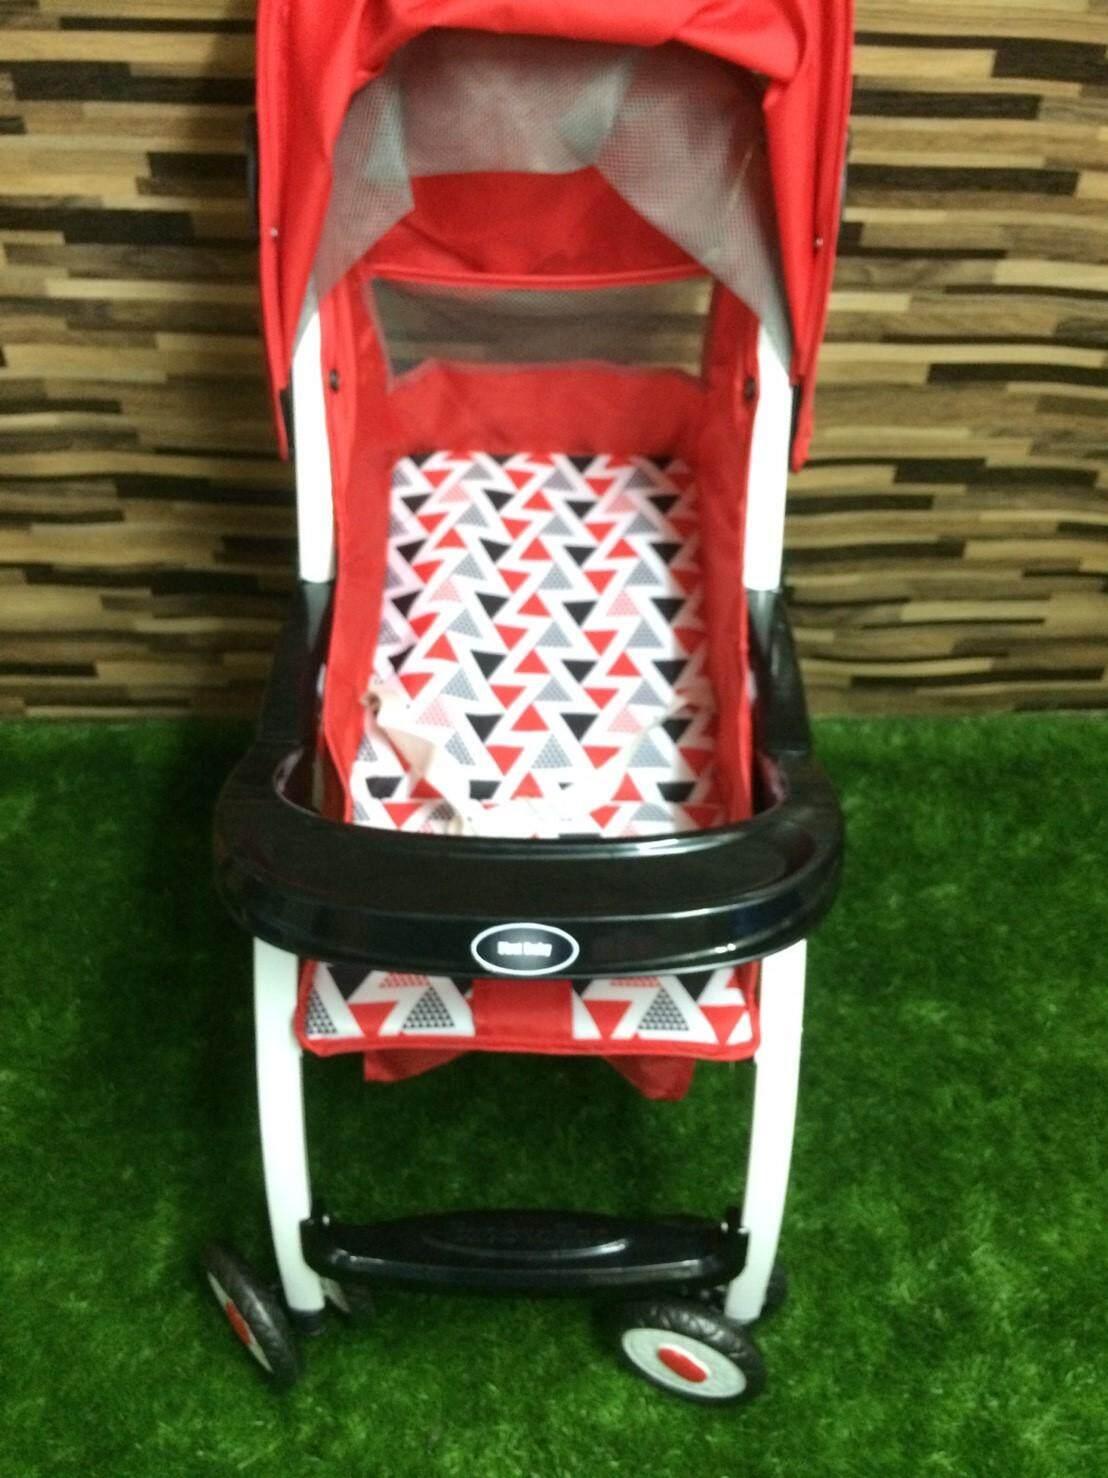 มาใหม่ Oemgenuine รถเข็นเด็กแบบนอน รถเข็นเด็กปรับนอน นั่งได้ ของแท้ ราคาถูก